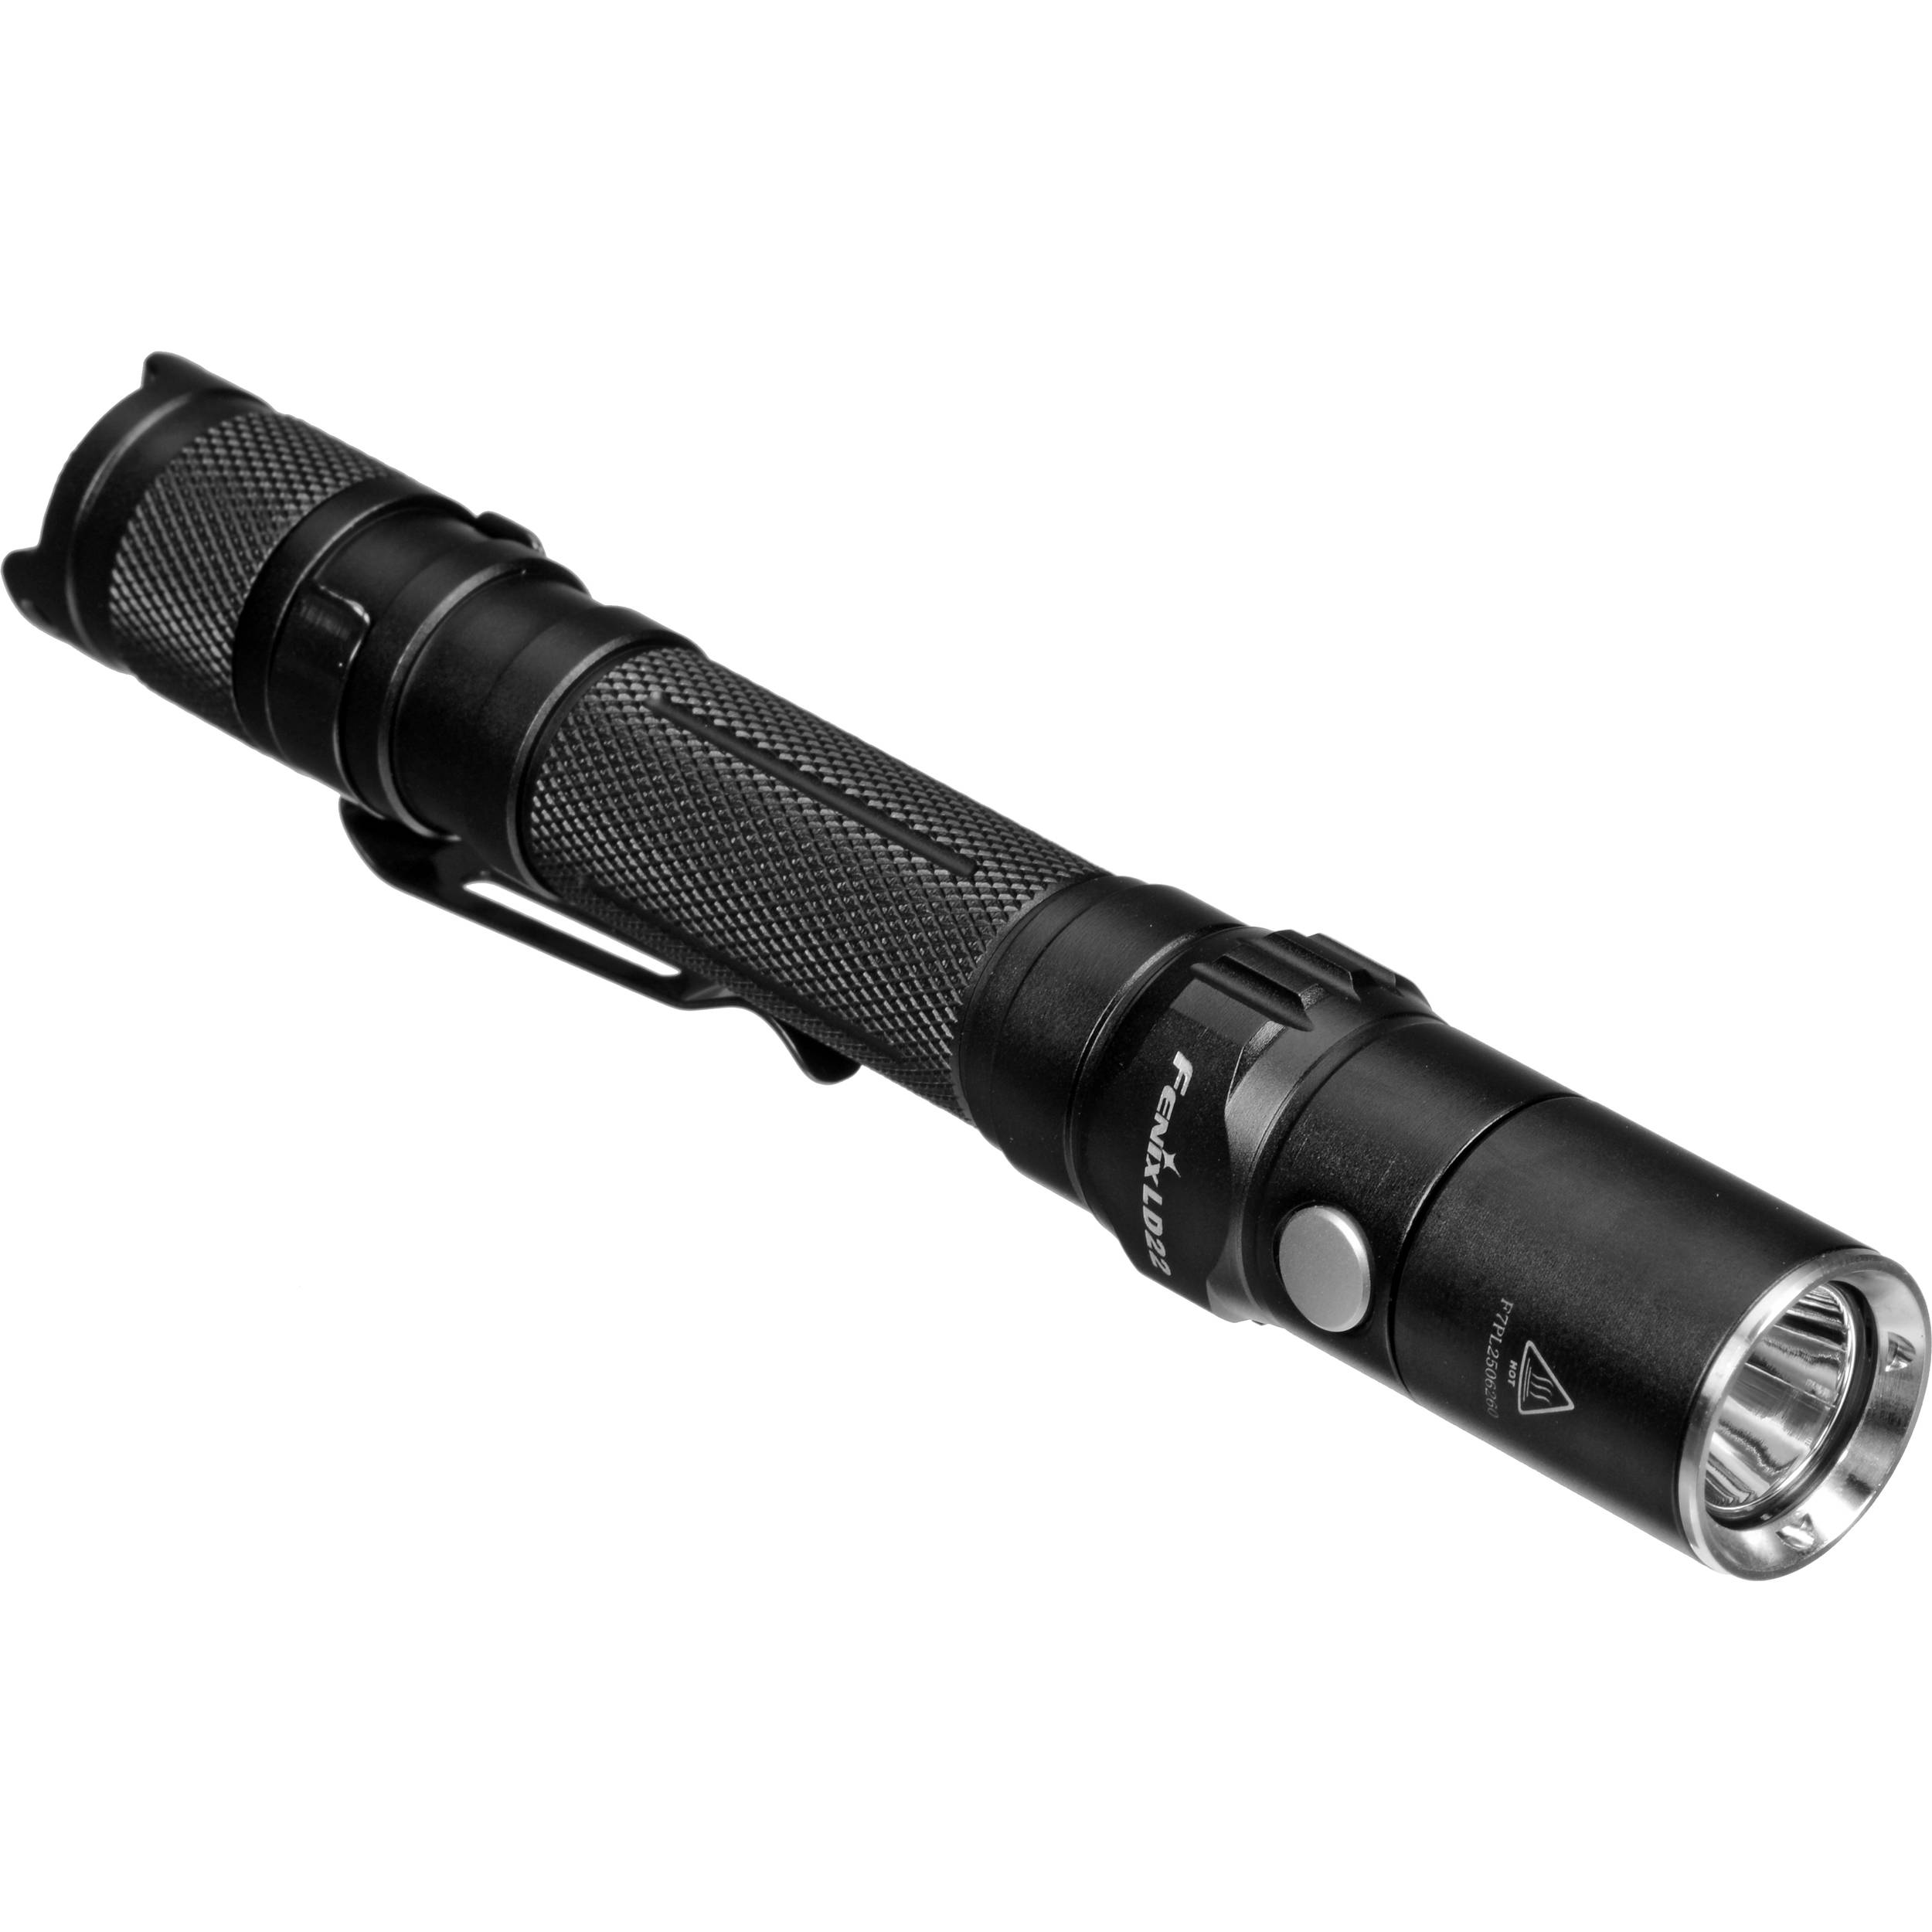 Fenix Flashlight LD22 Flashlight LD22XLBK-B B&H Photo Video